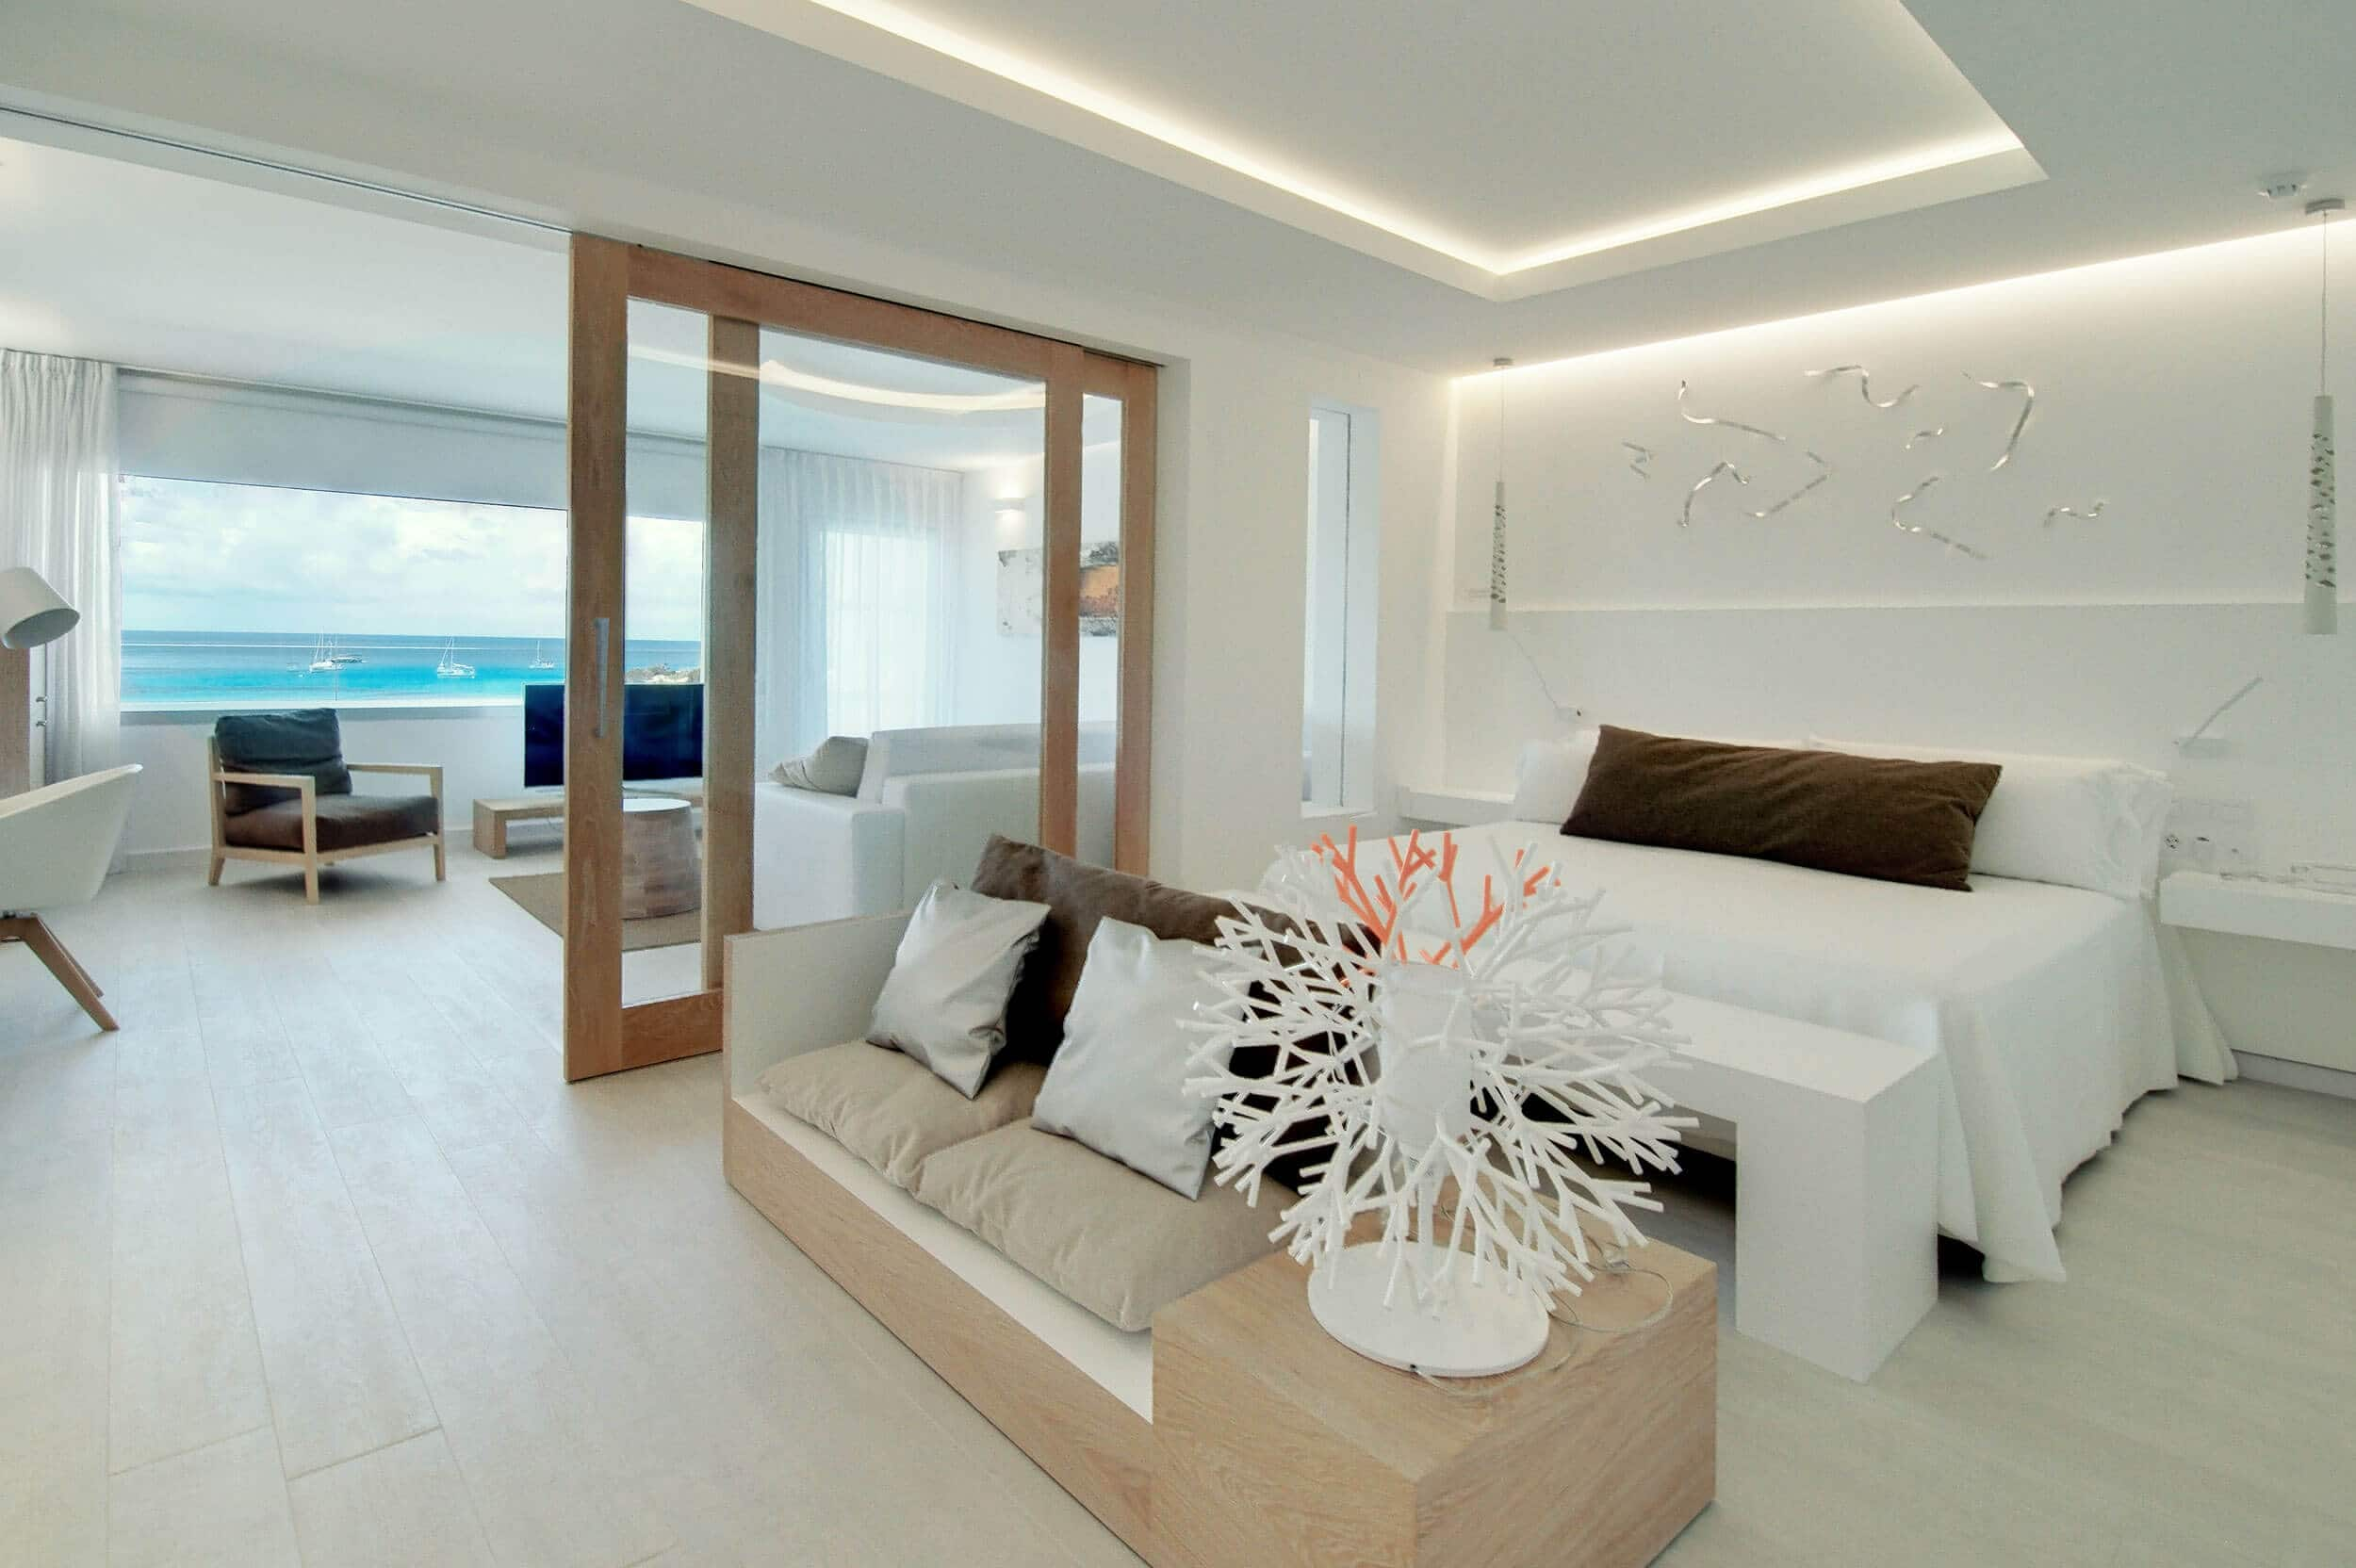 Hotel Cala Saona & Spa em Formentera - quarto